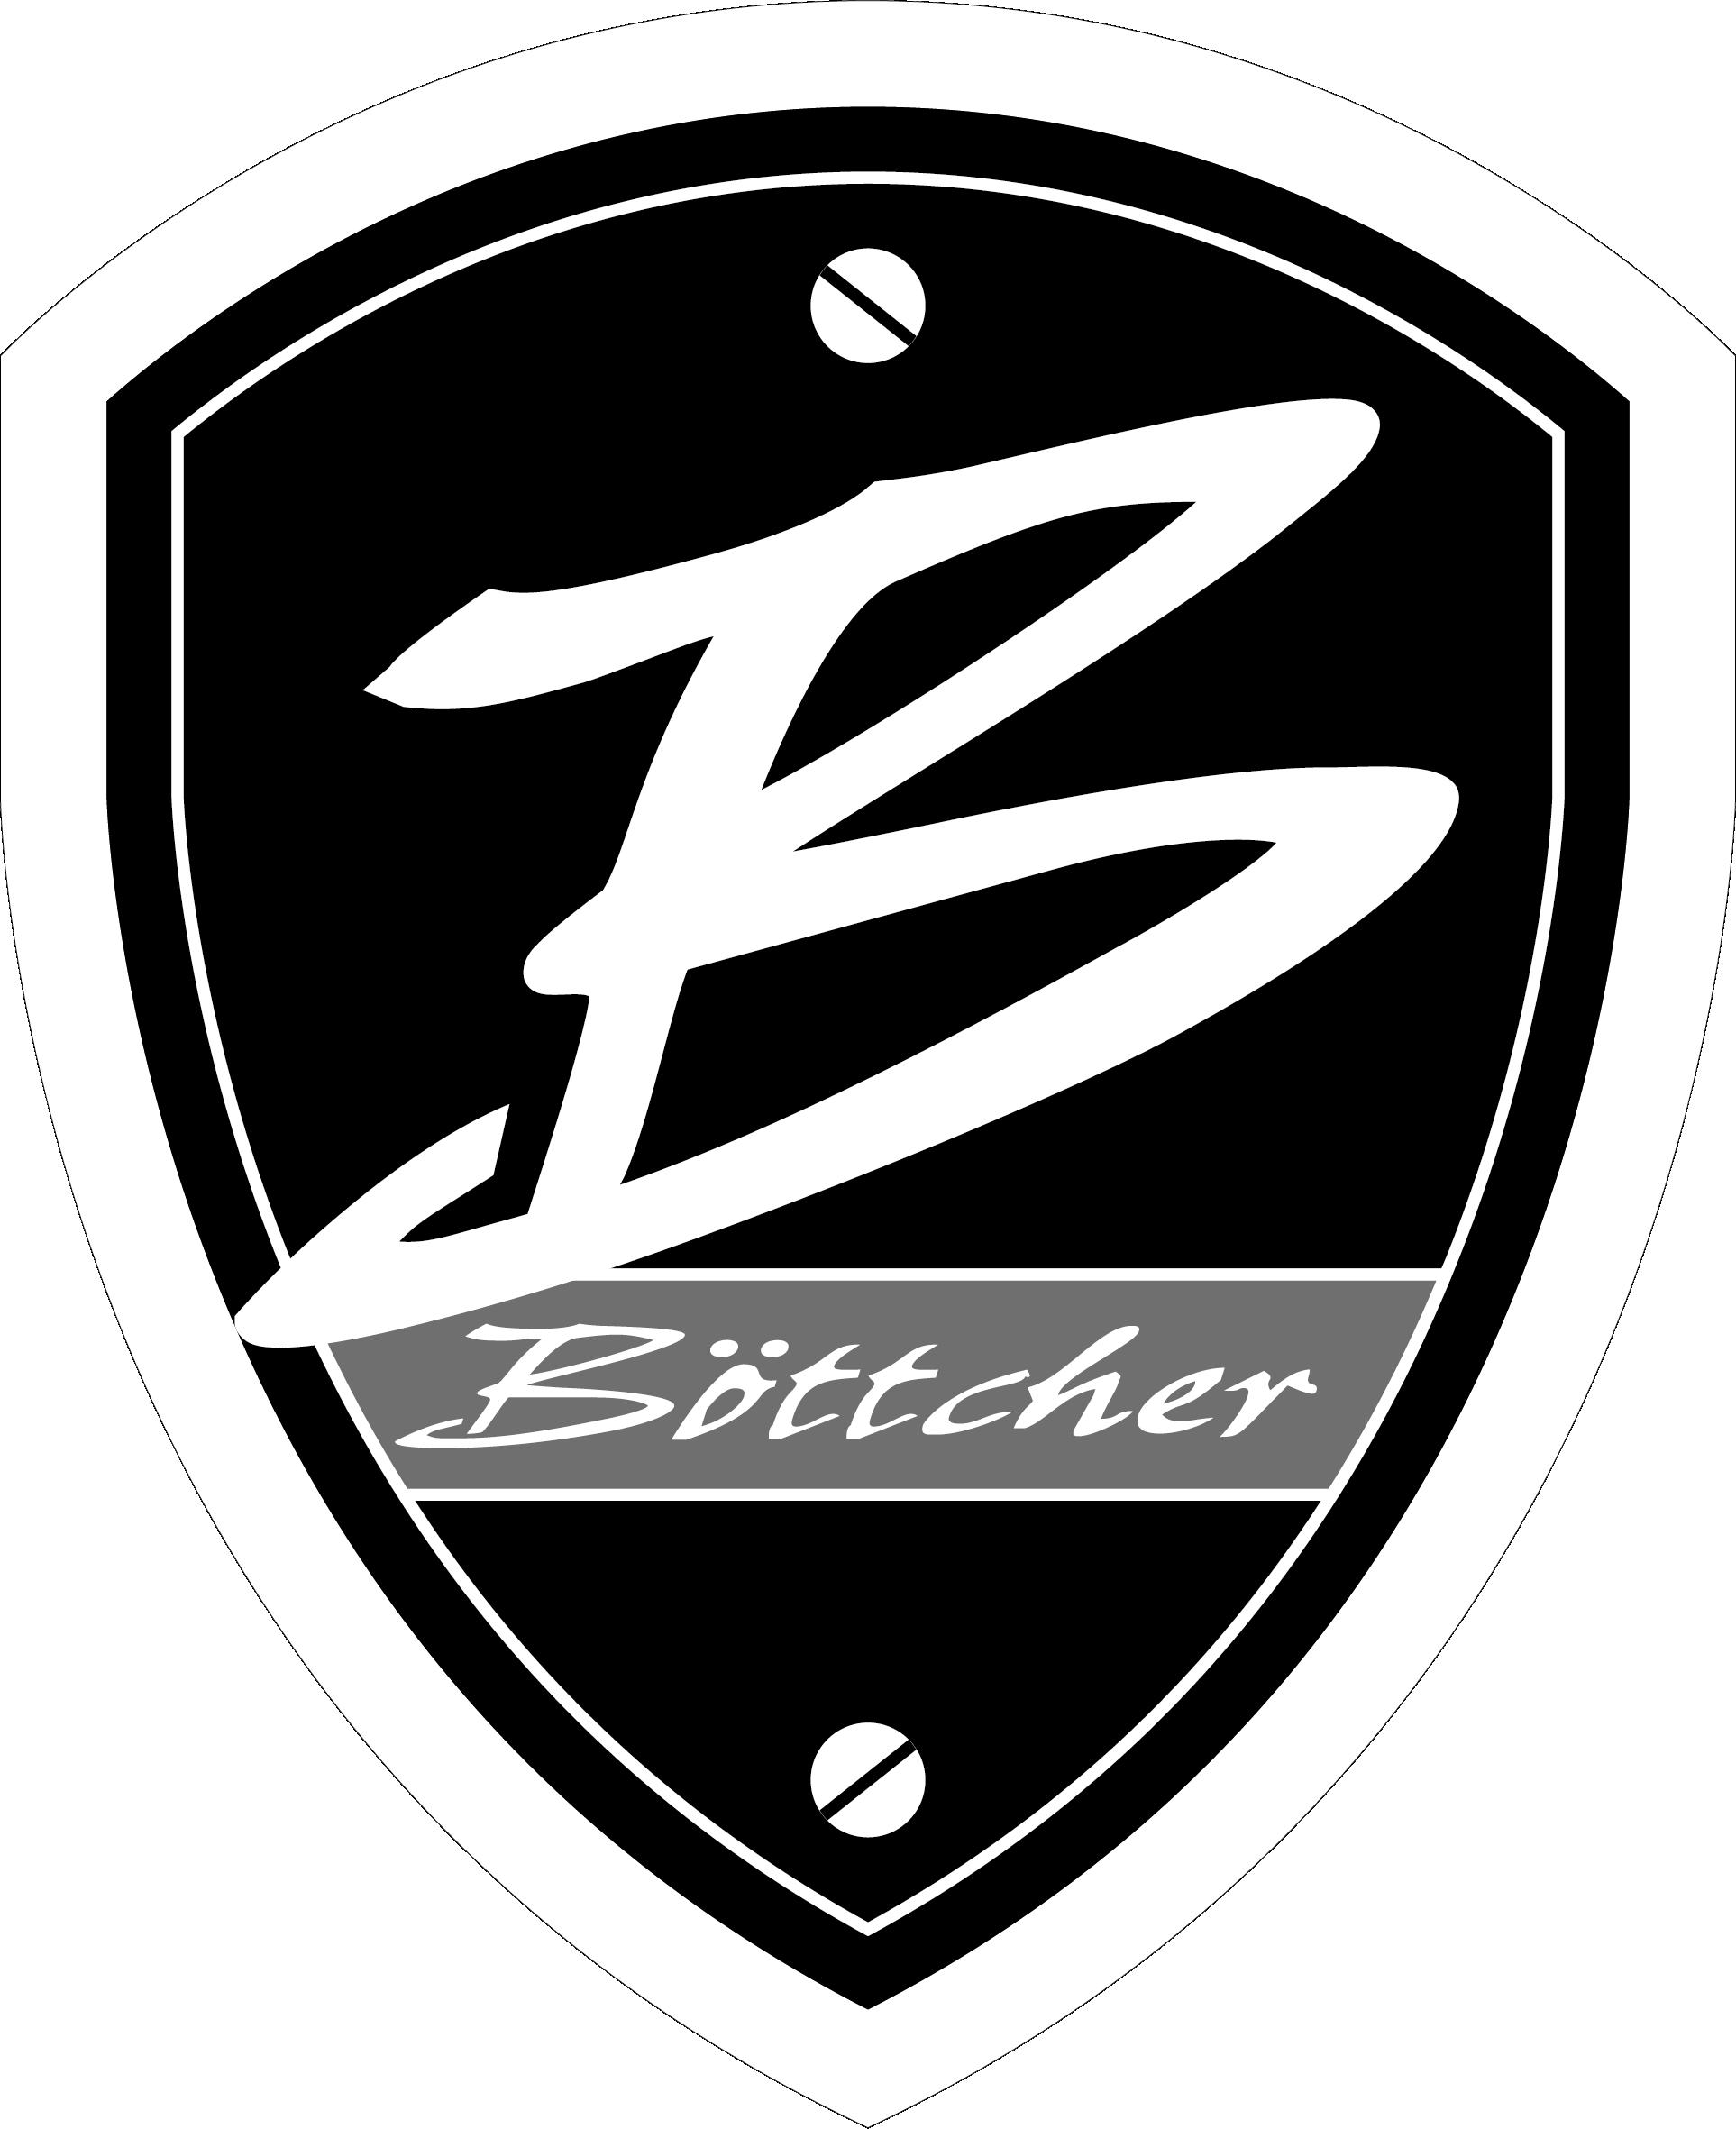 Böttcher Manufaktur Wappen